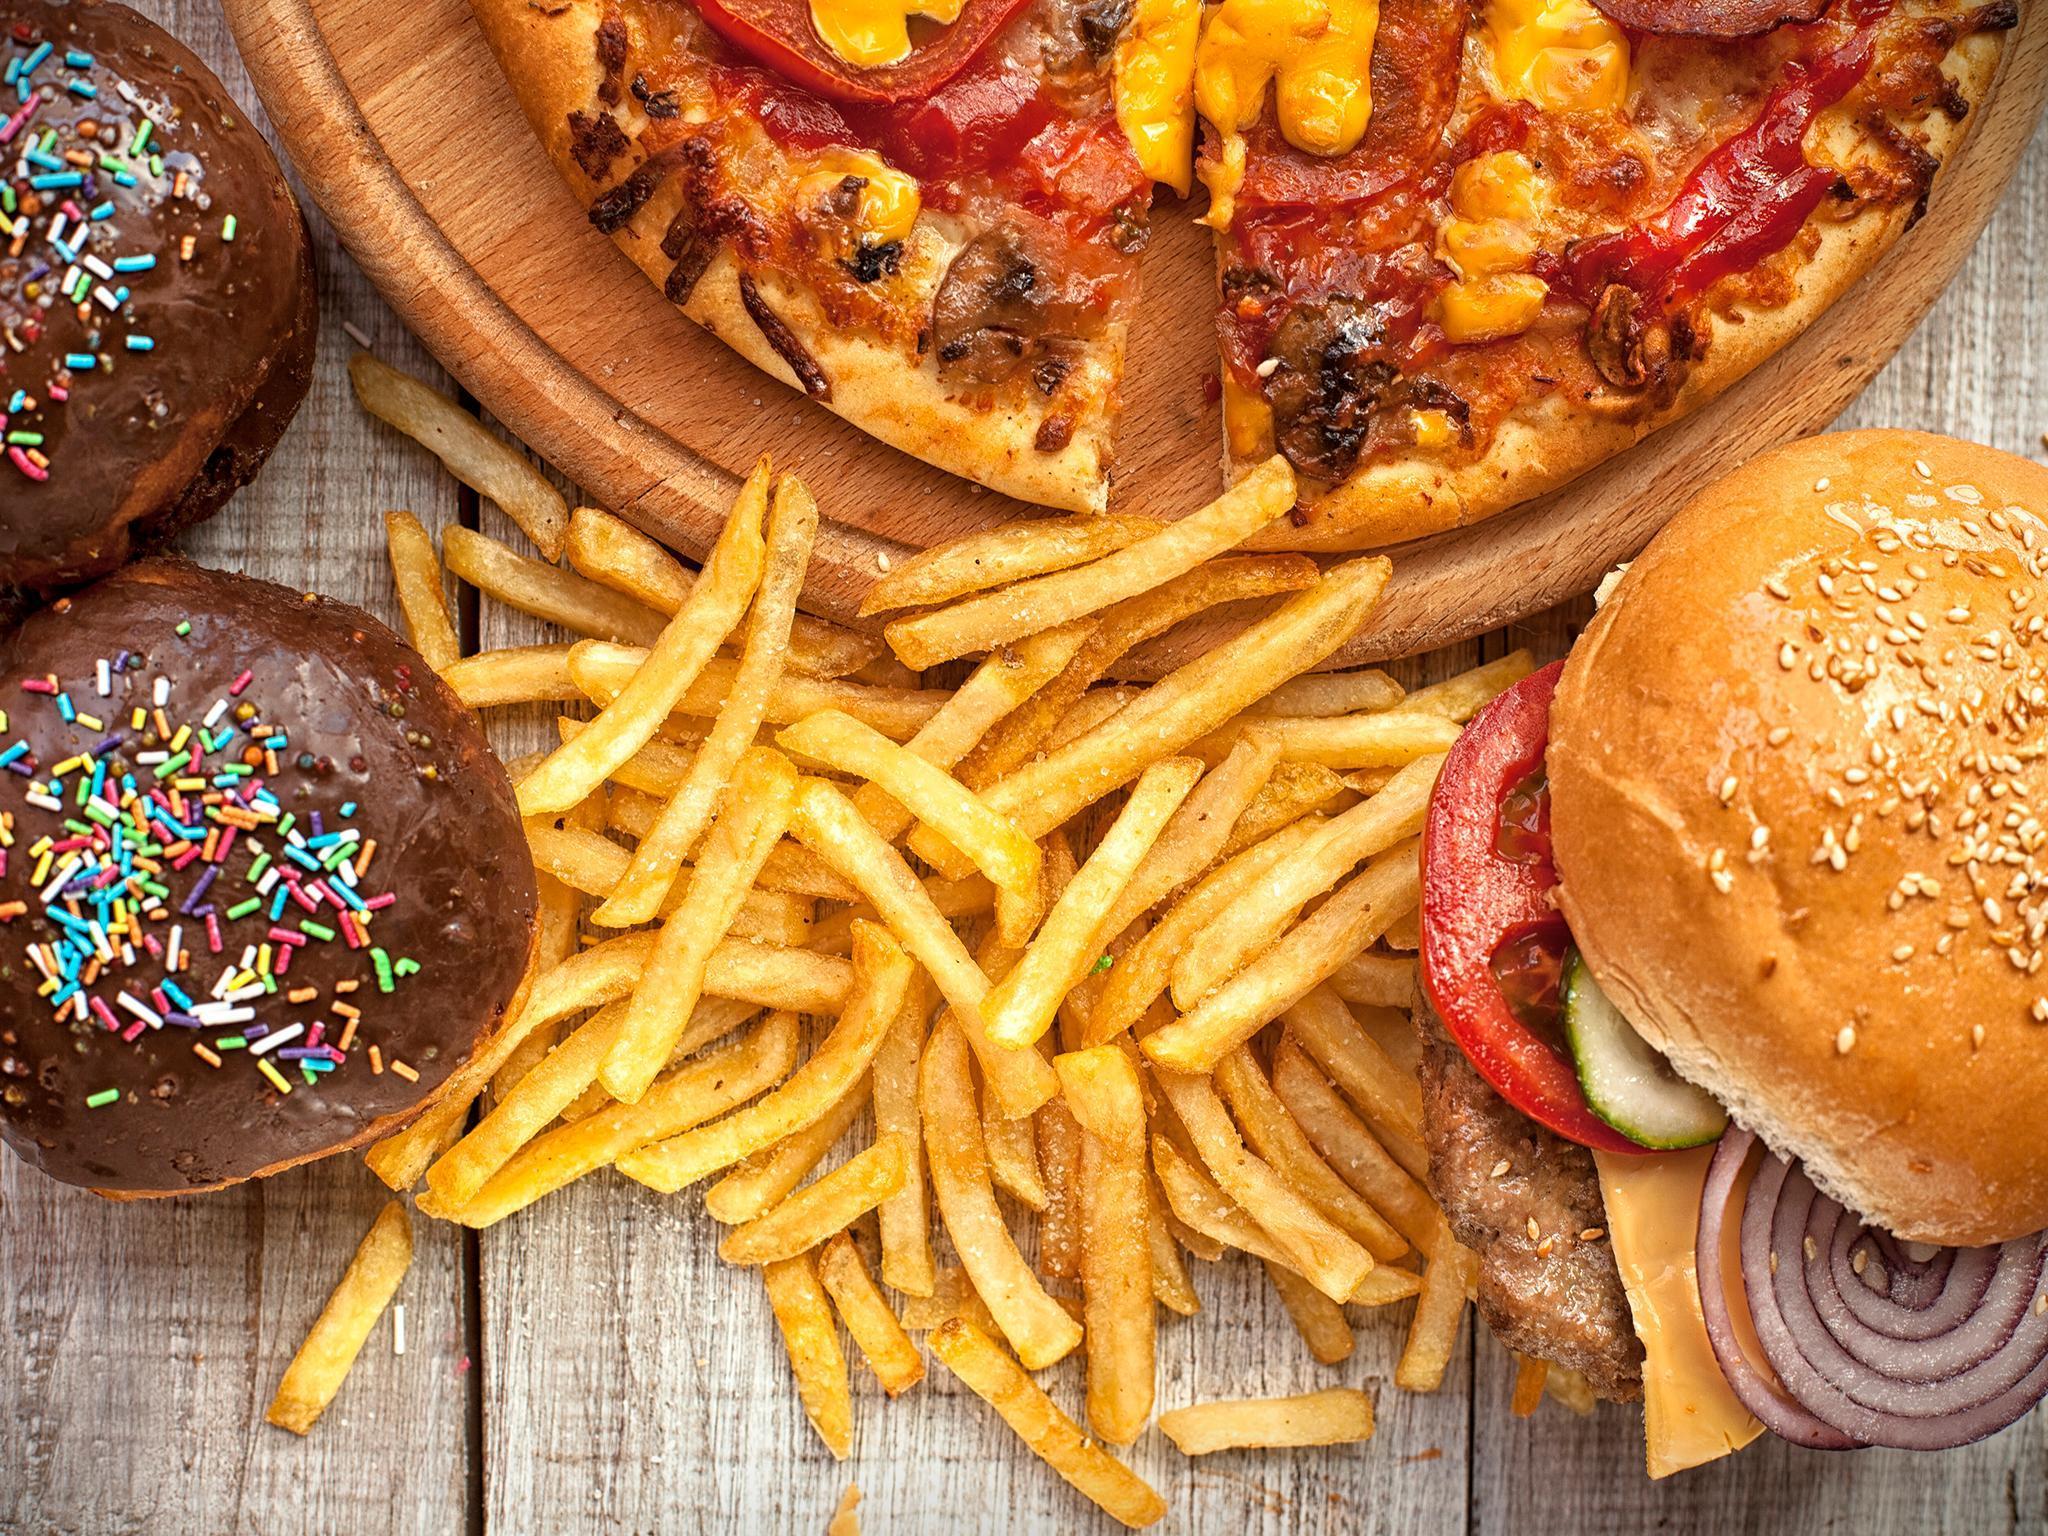 junk-food-istock-zeljkosantrac